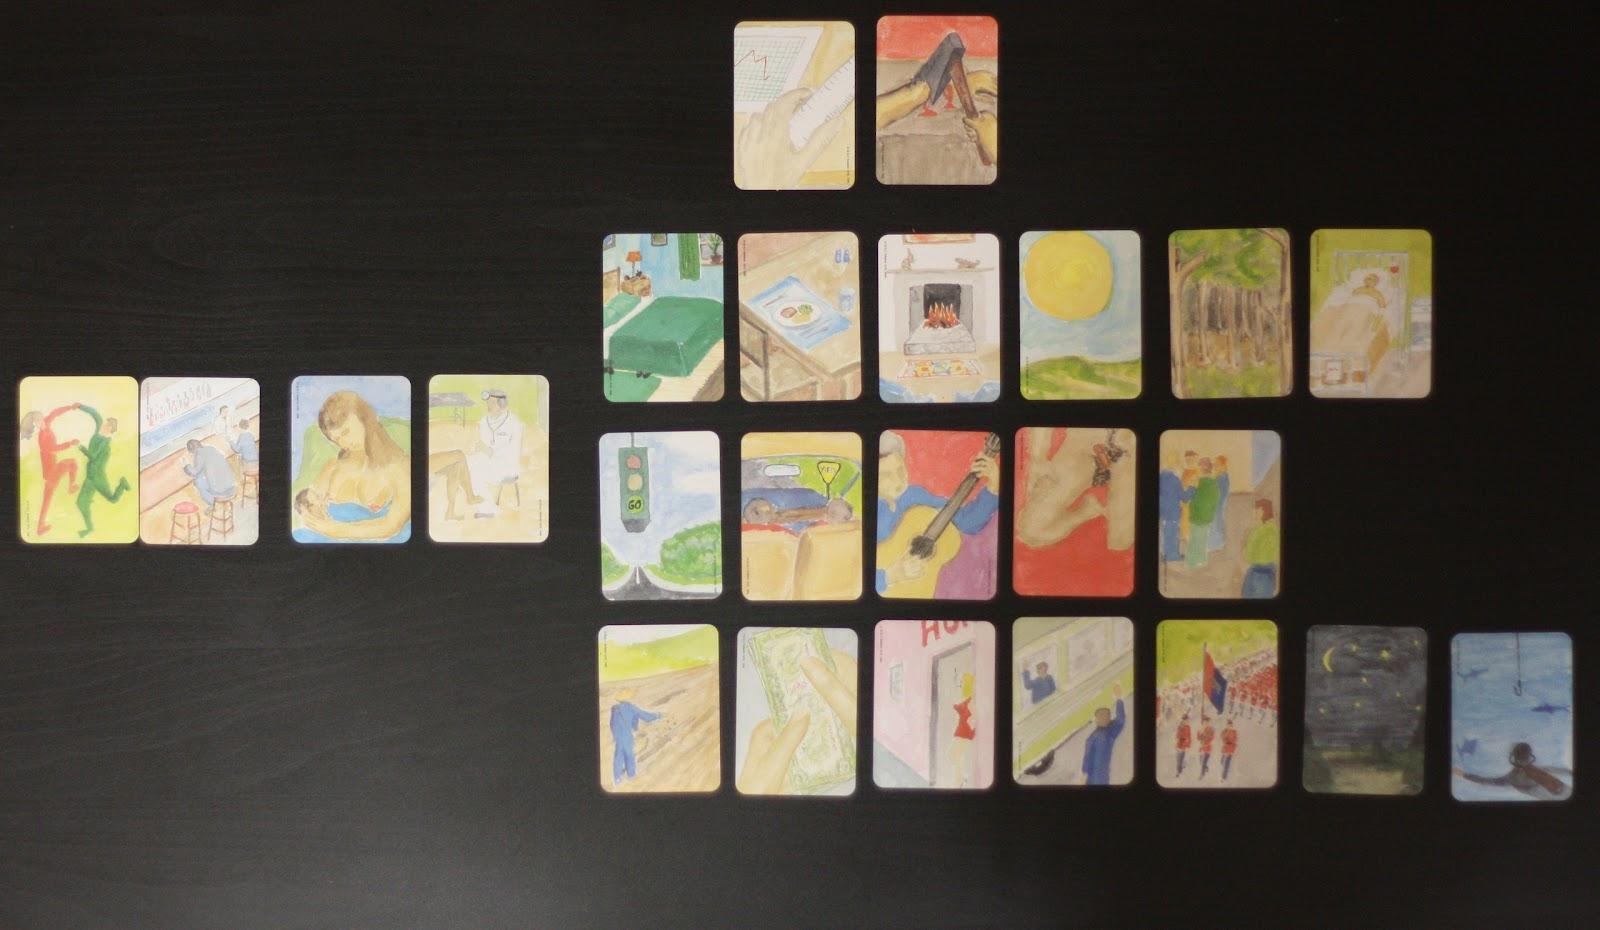 Расклад метафорических карт из колоды Ох полученный в ходе техники Искренний рассказ о проблеме